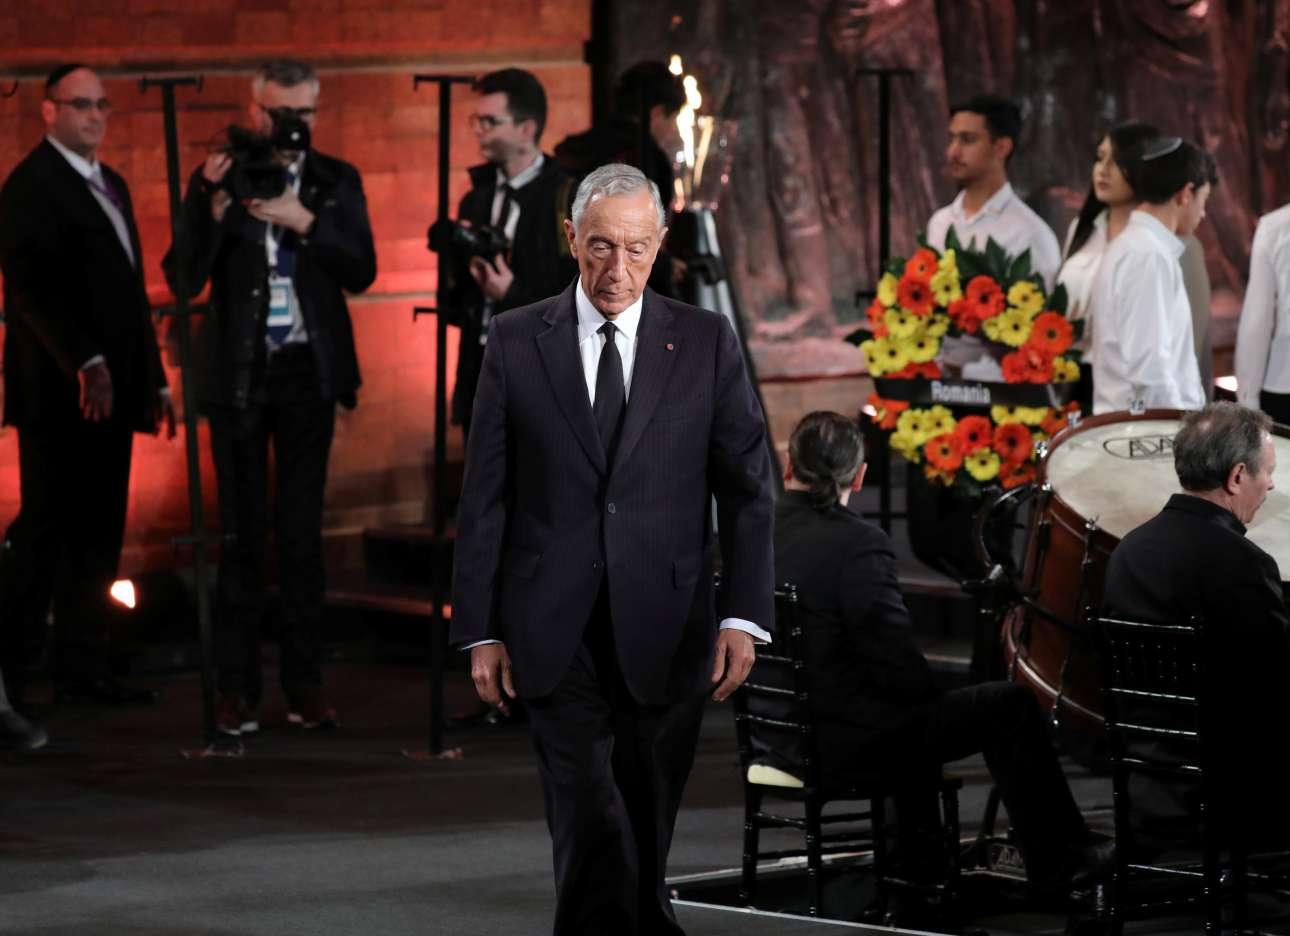 Ο πορτογάλος πρόεδρος Μαρτσέλο Ρεμπέλο ντε Σόουζα